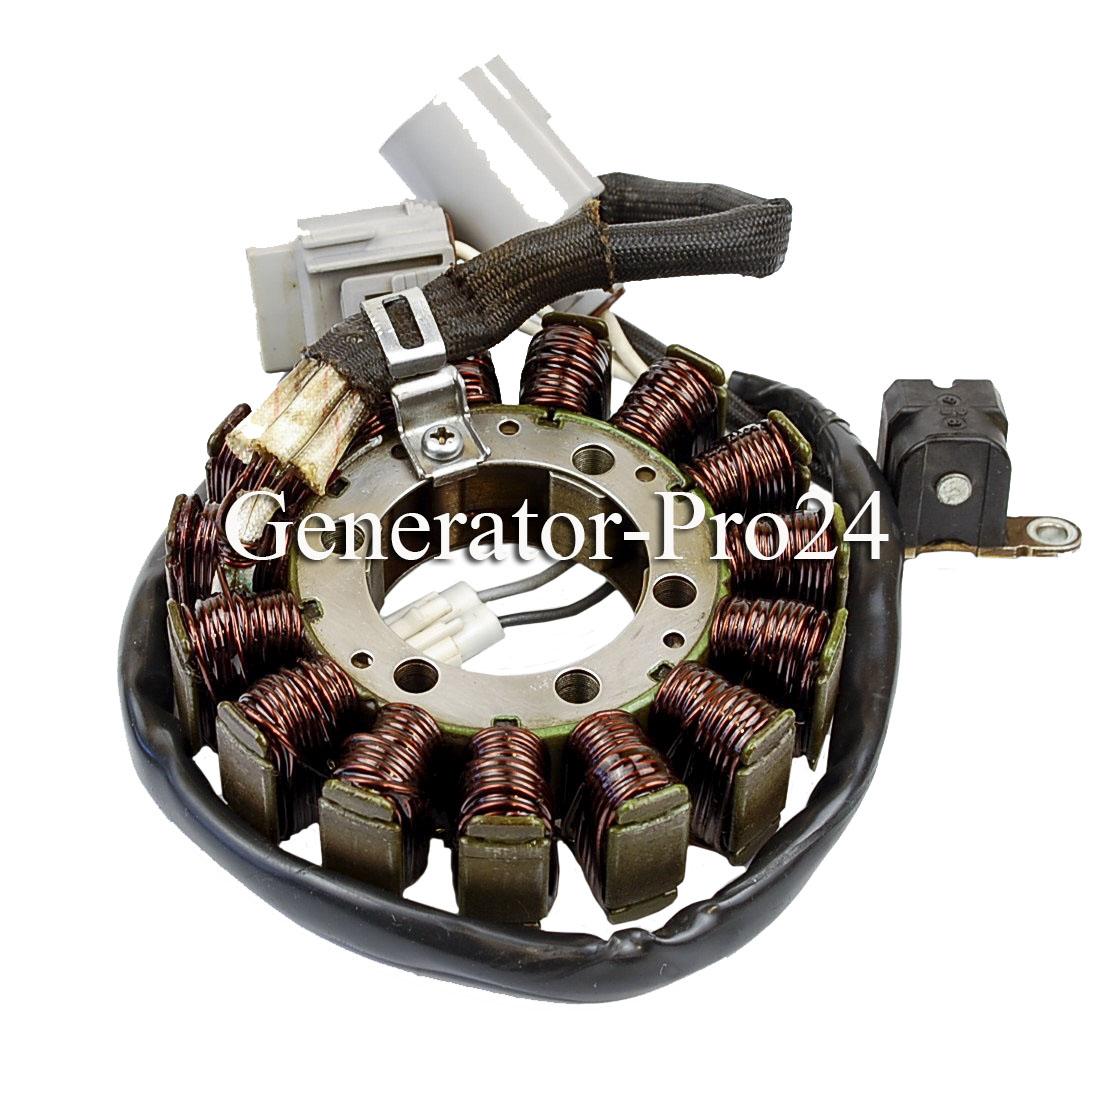 5b4 81410 00 00 yamaha rhino 700 generator pro24 for Yamaha rhino alternator